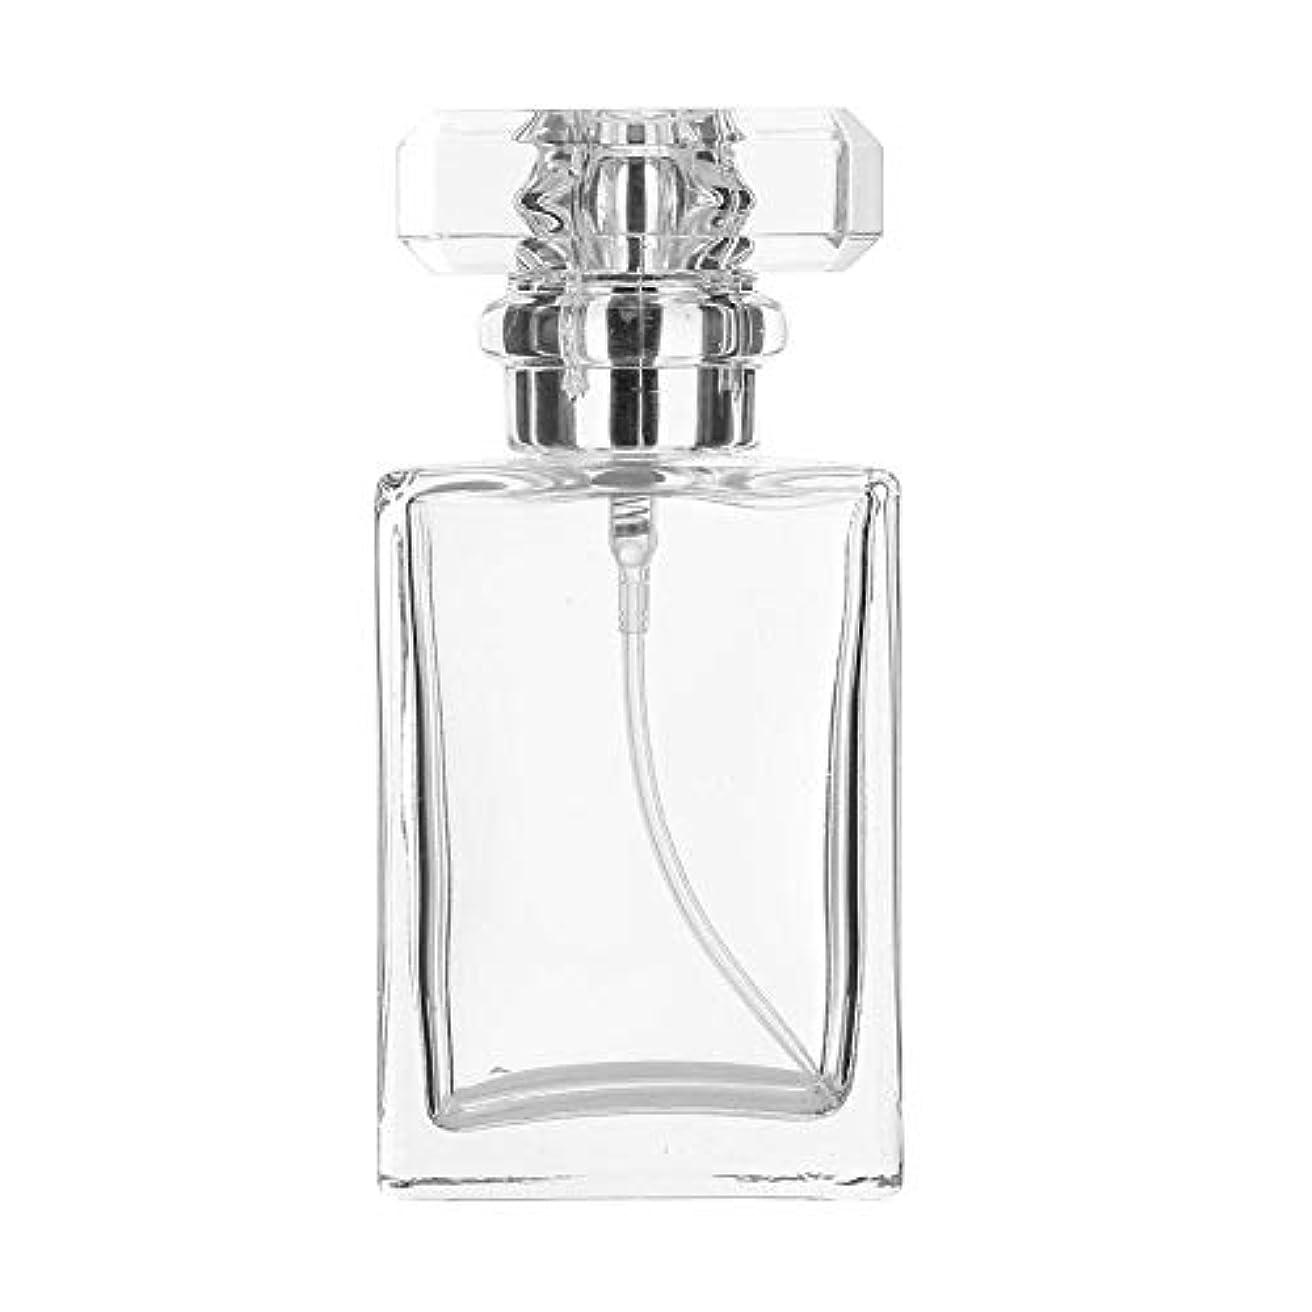 晩餐反対するリクルート30ml空のガラス香水瓶旅行サイズ(トランスペアレント)